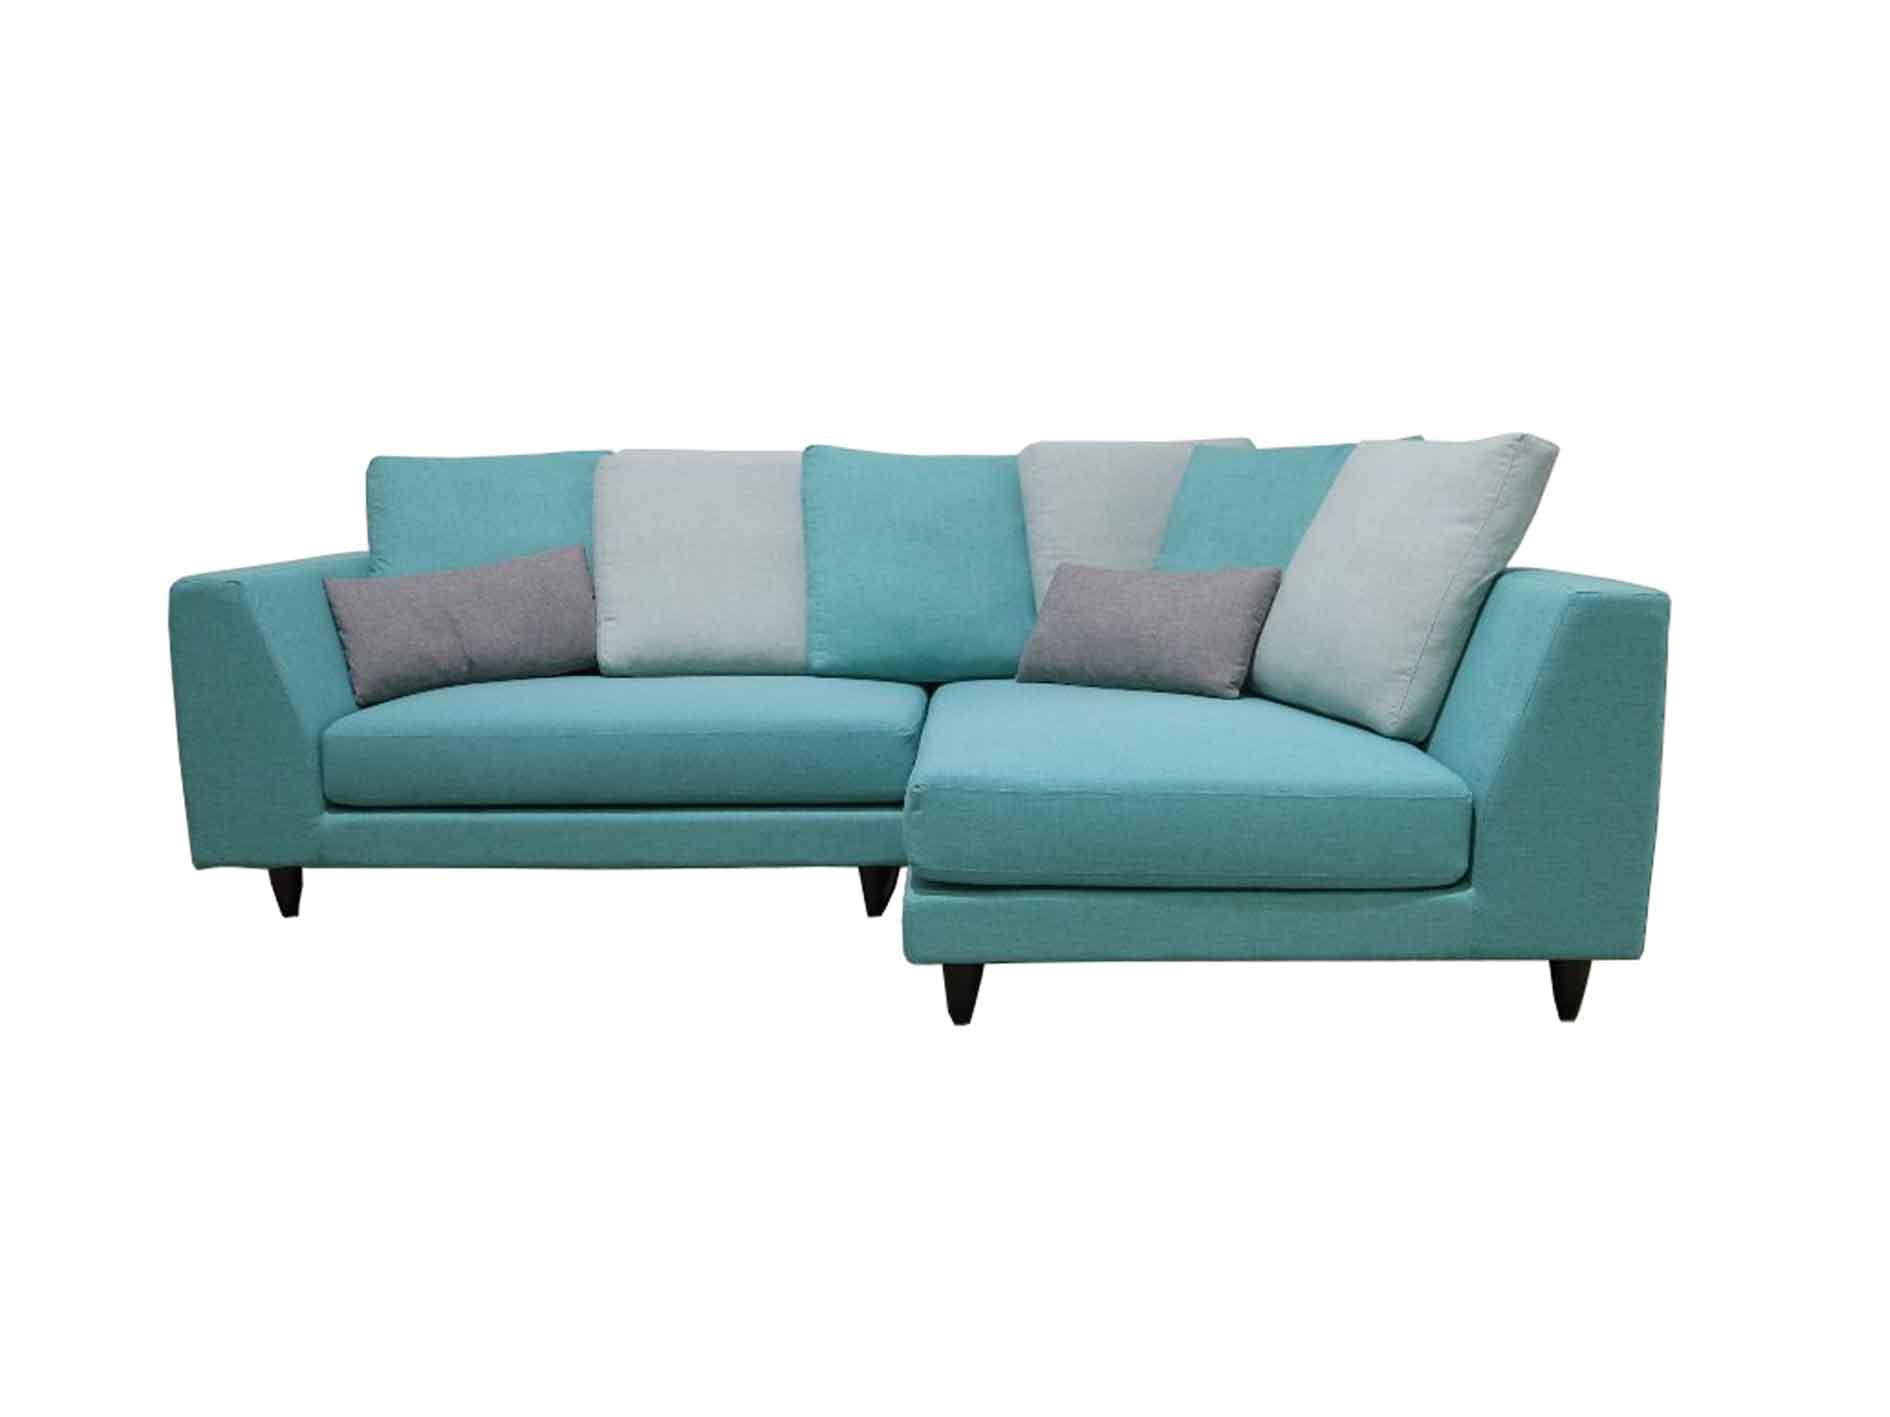 Valerio Designer Italian Fabric Sofa Fiera 3 Seater L